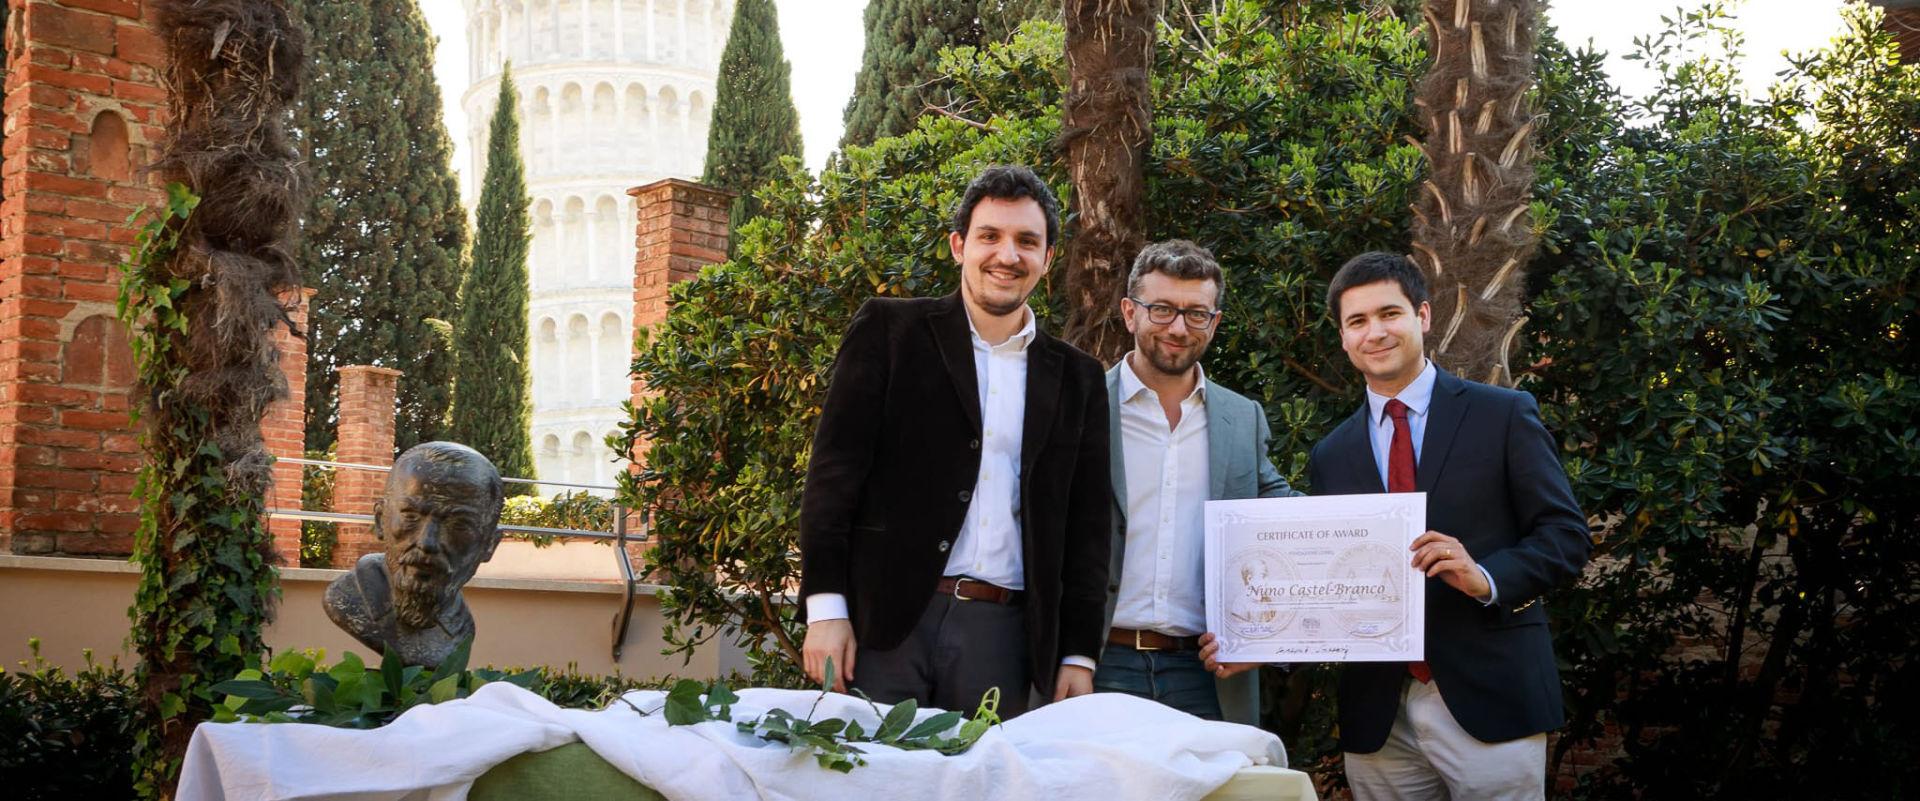 Giardino Superiore - Premiazione